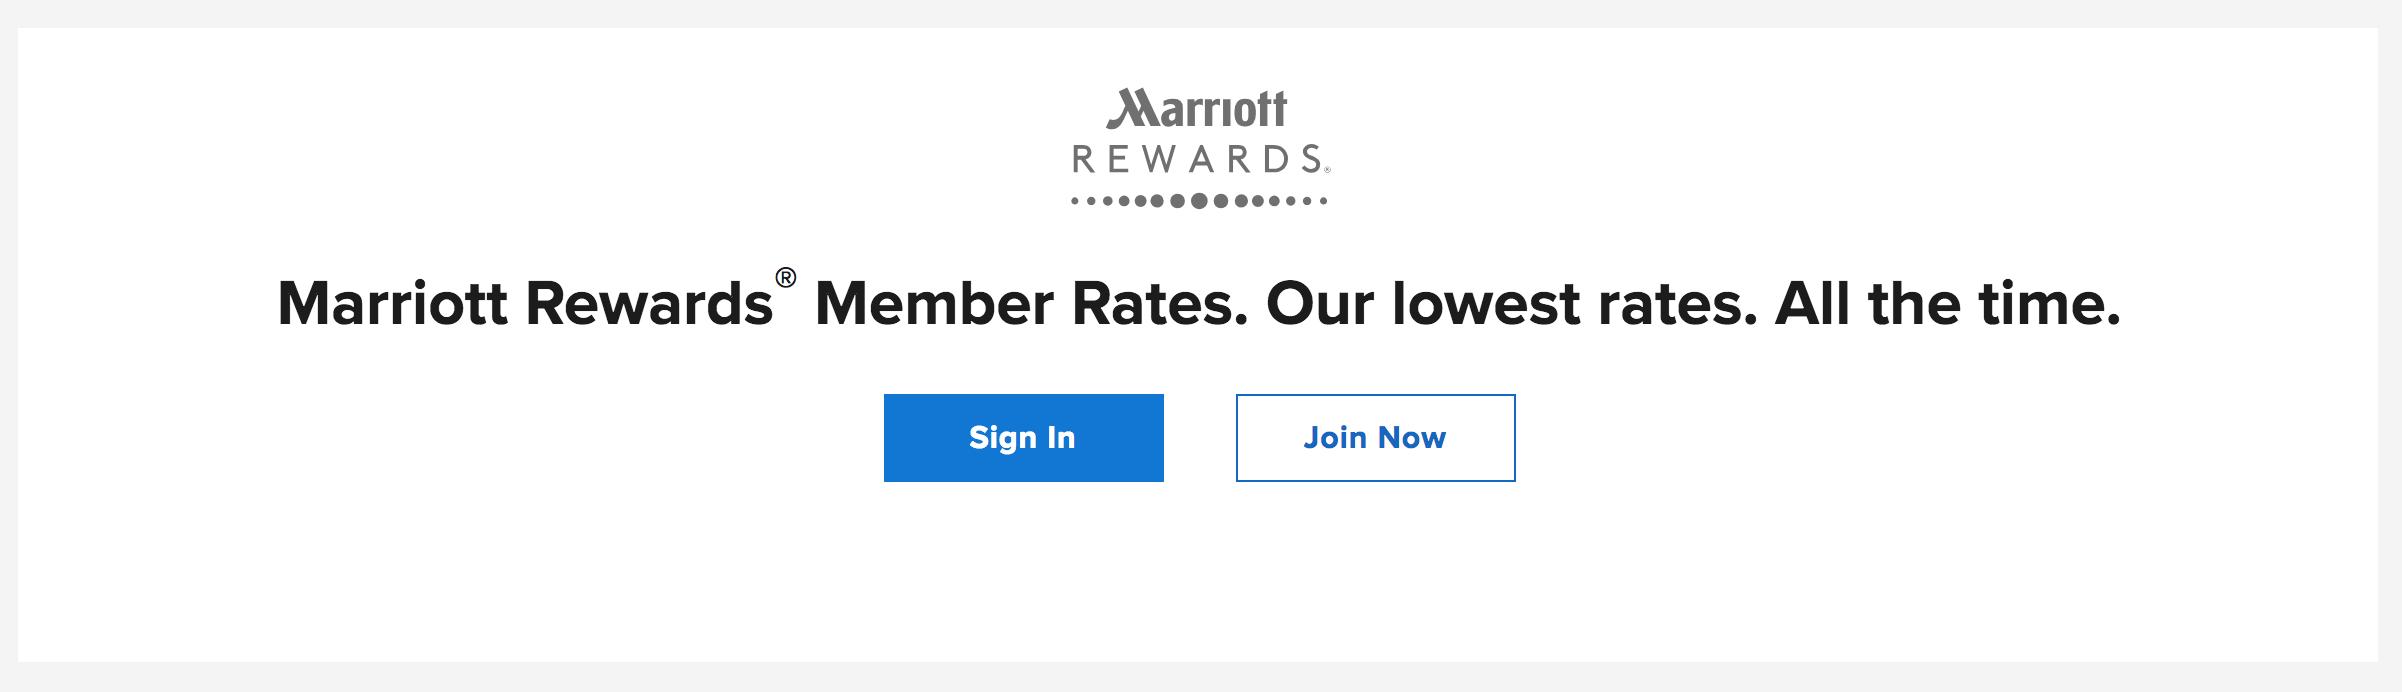 Marriott-rewards-banner